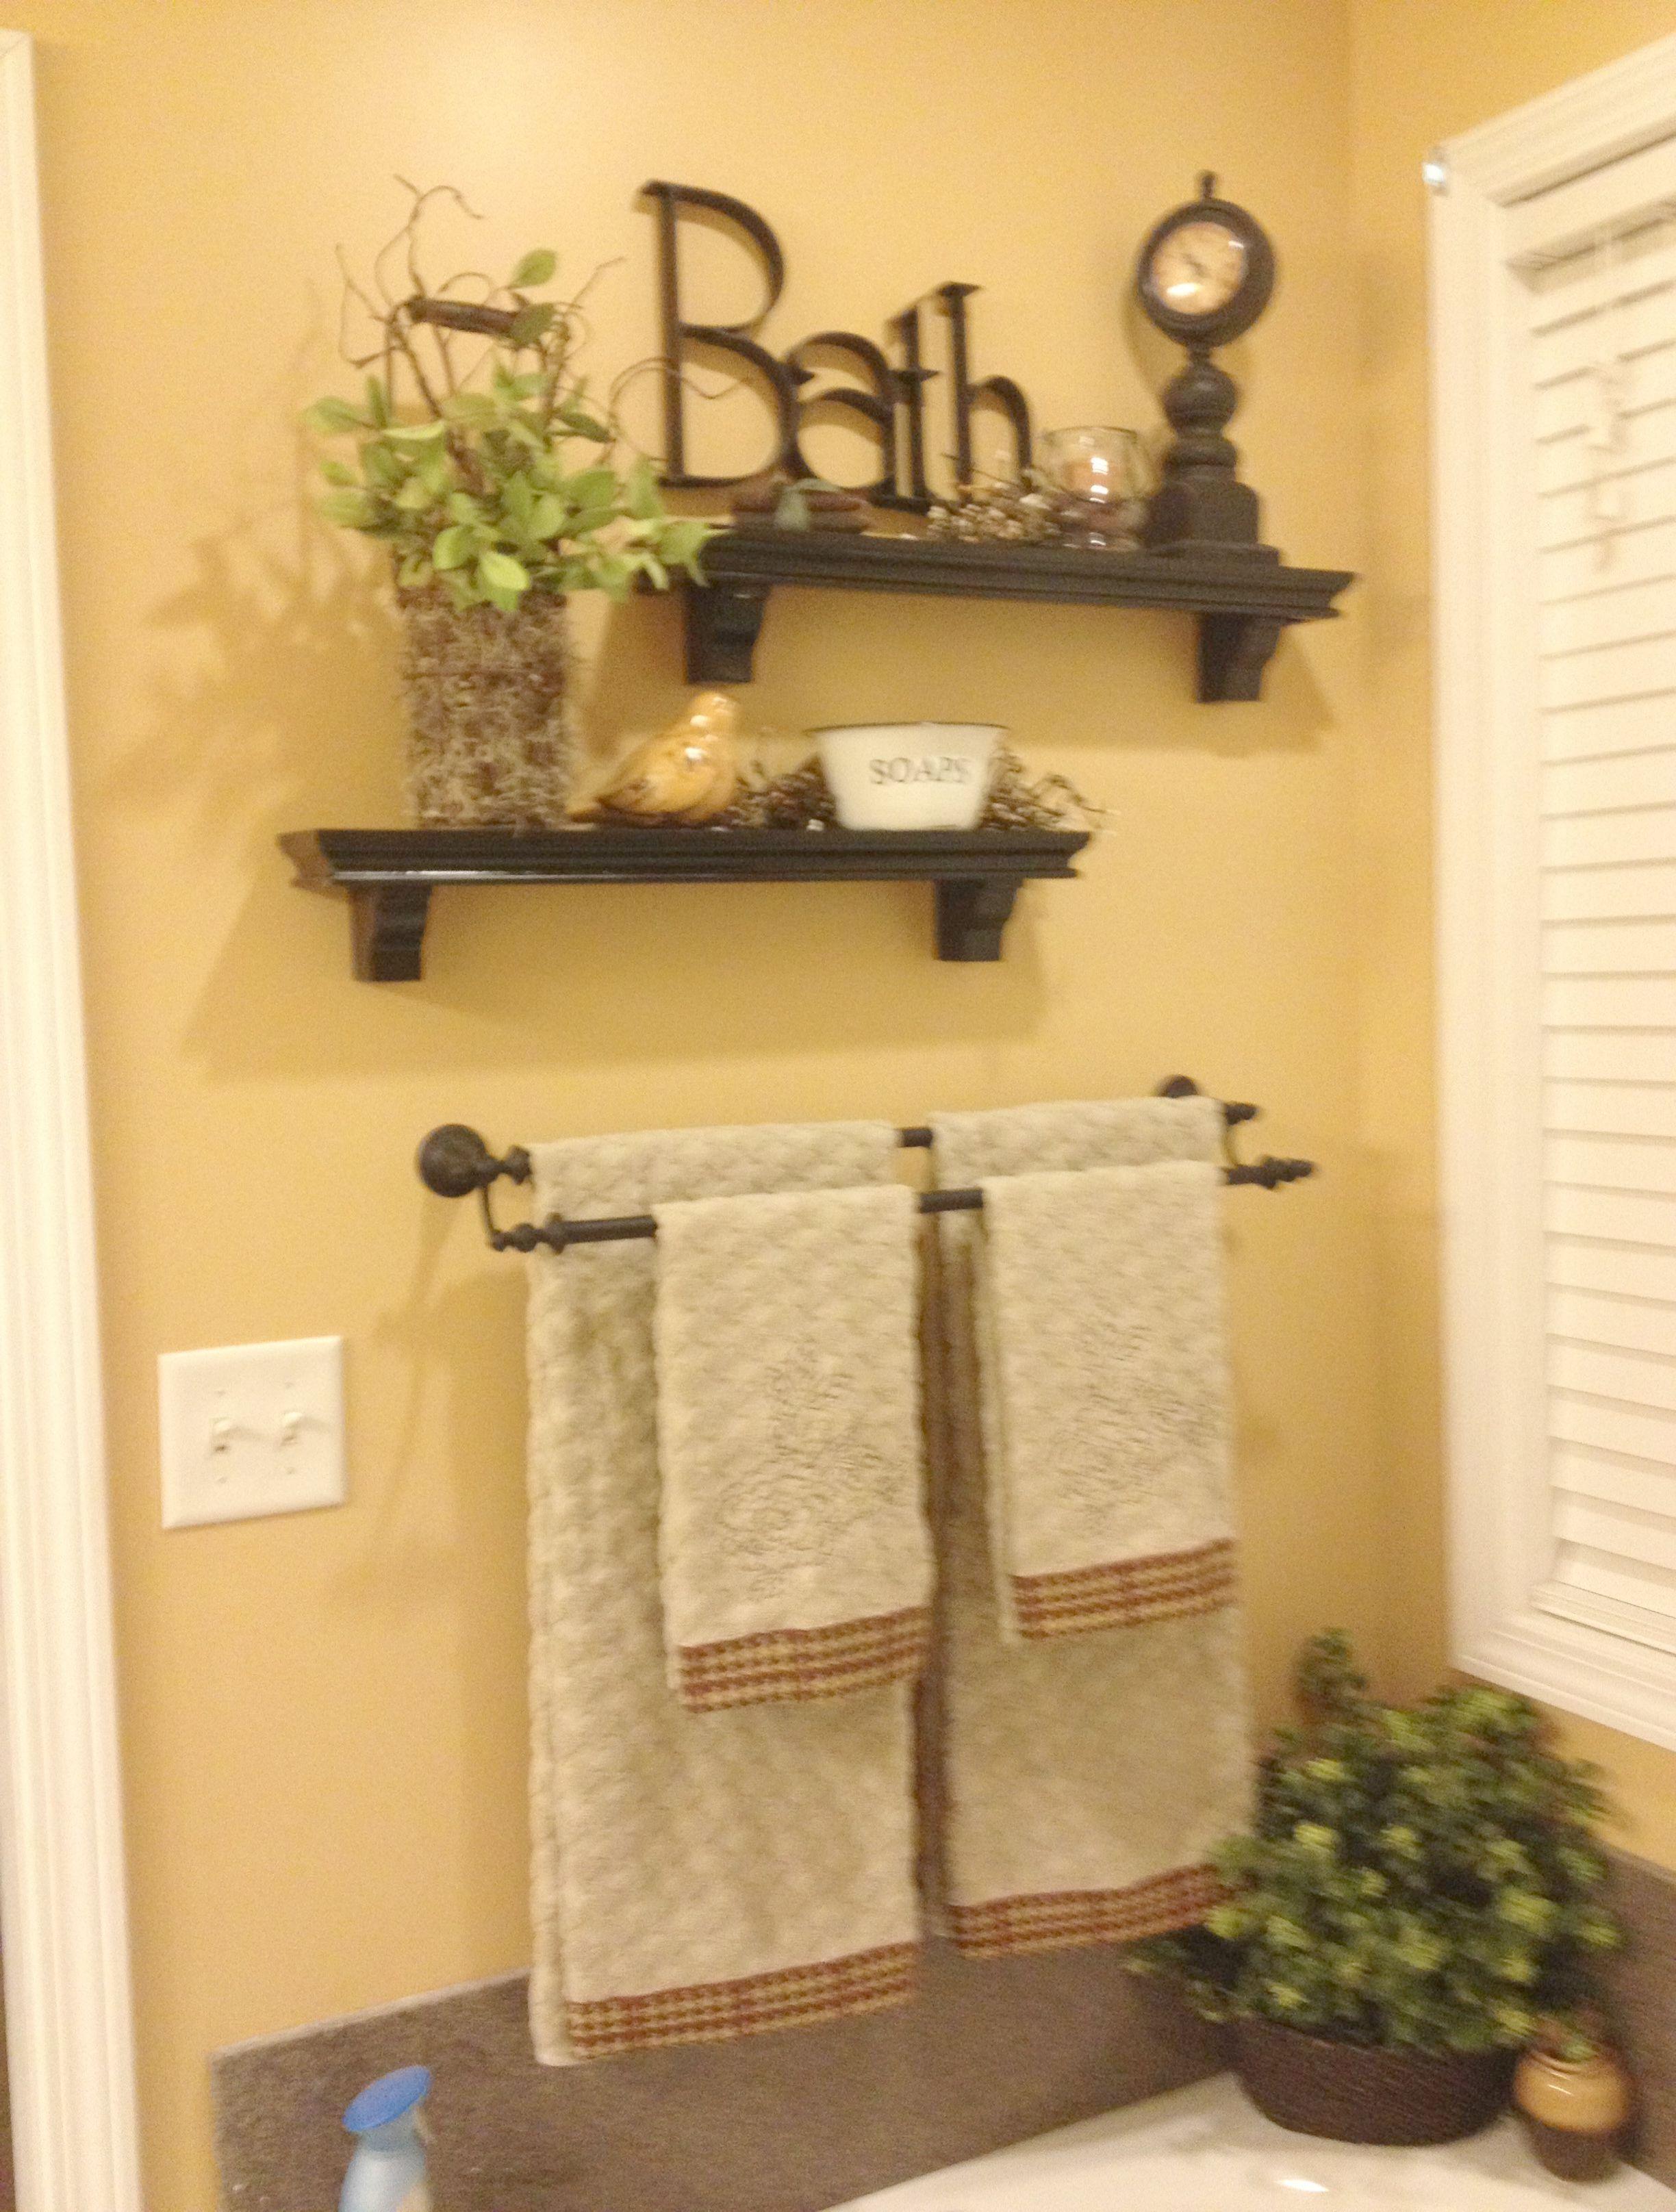 Country Bathroom Sink Ideas Rustic Elegant Bathroom Ideas Bathroom Decor Diy Bathroom Decor Bathroom Wall Decor